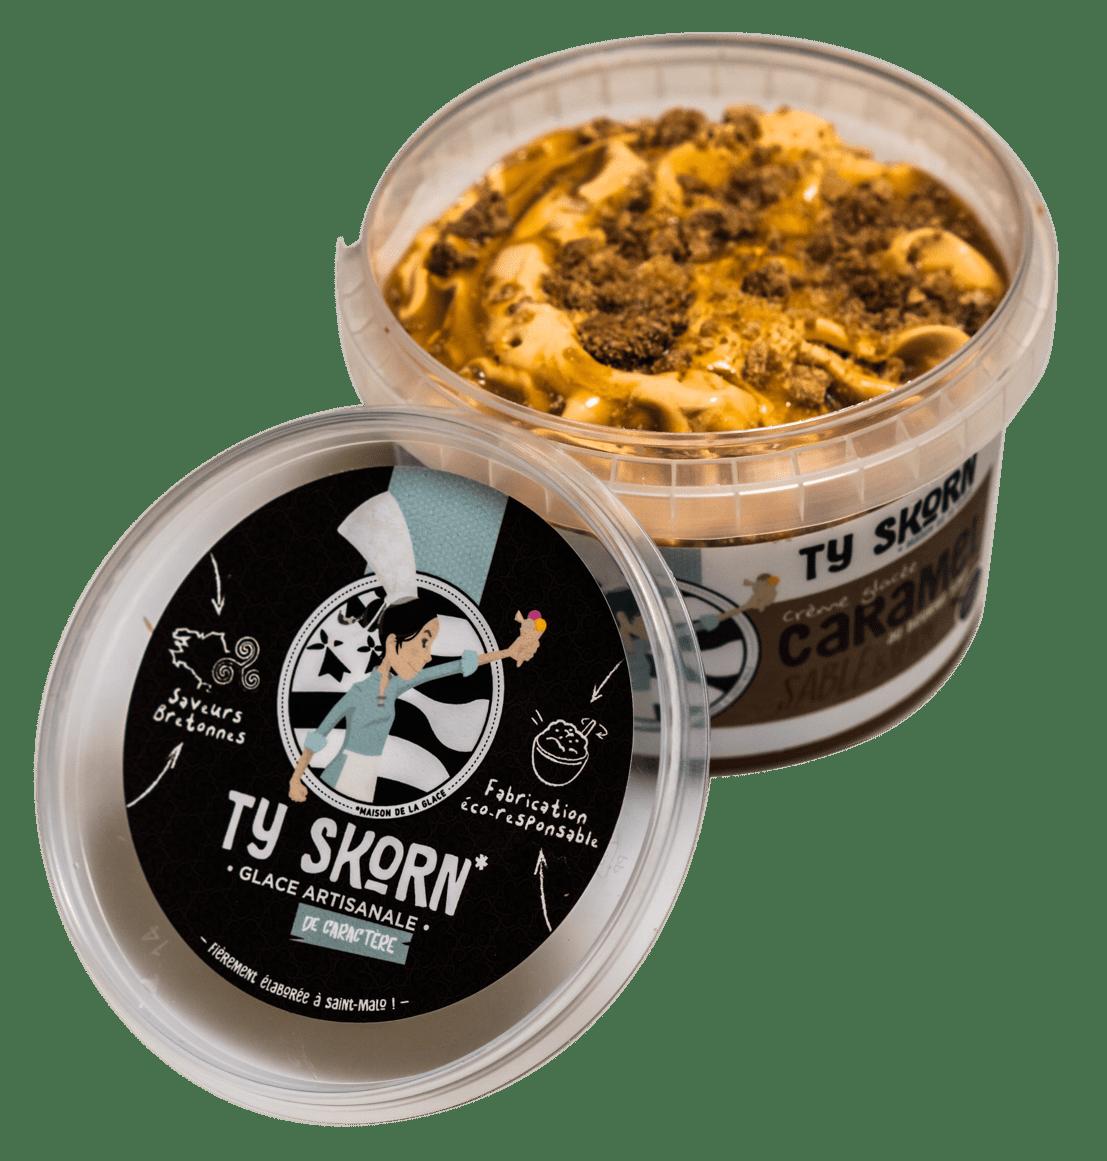 Ty skorn 4 detoure les fameuses glaces de saint malo - Les saintes glaces 2017 ...